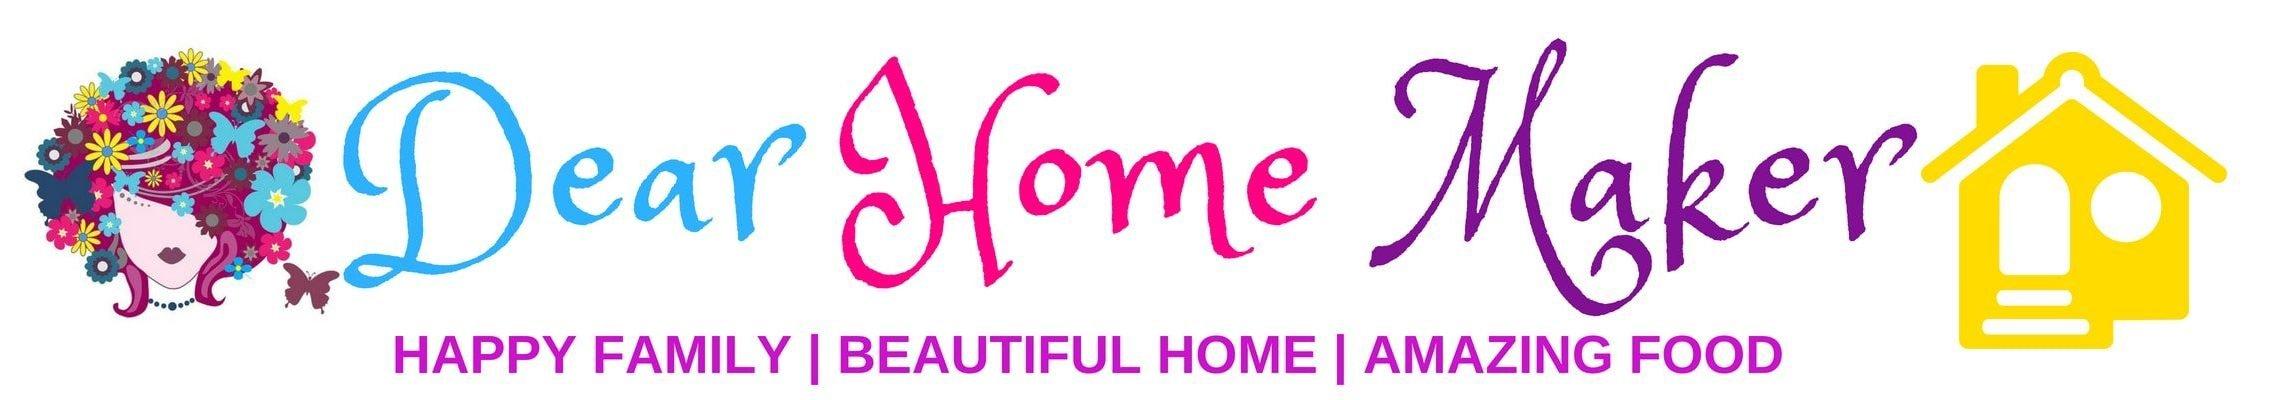 Dear Home Maker